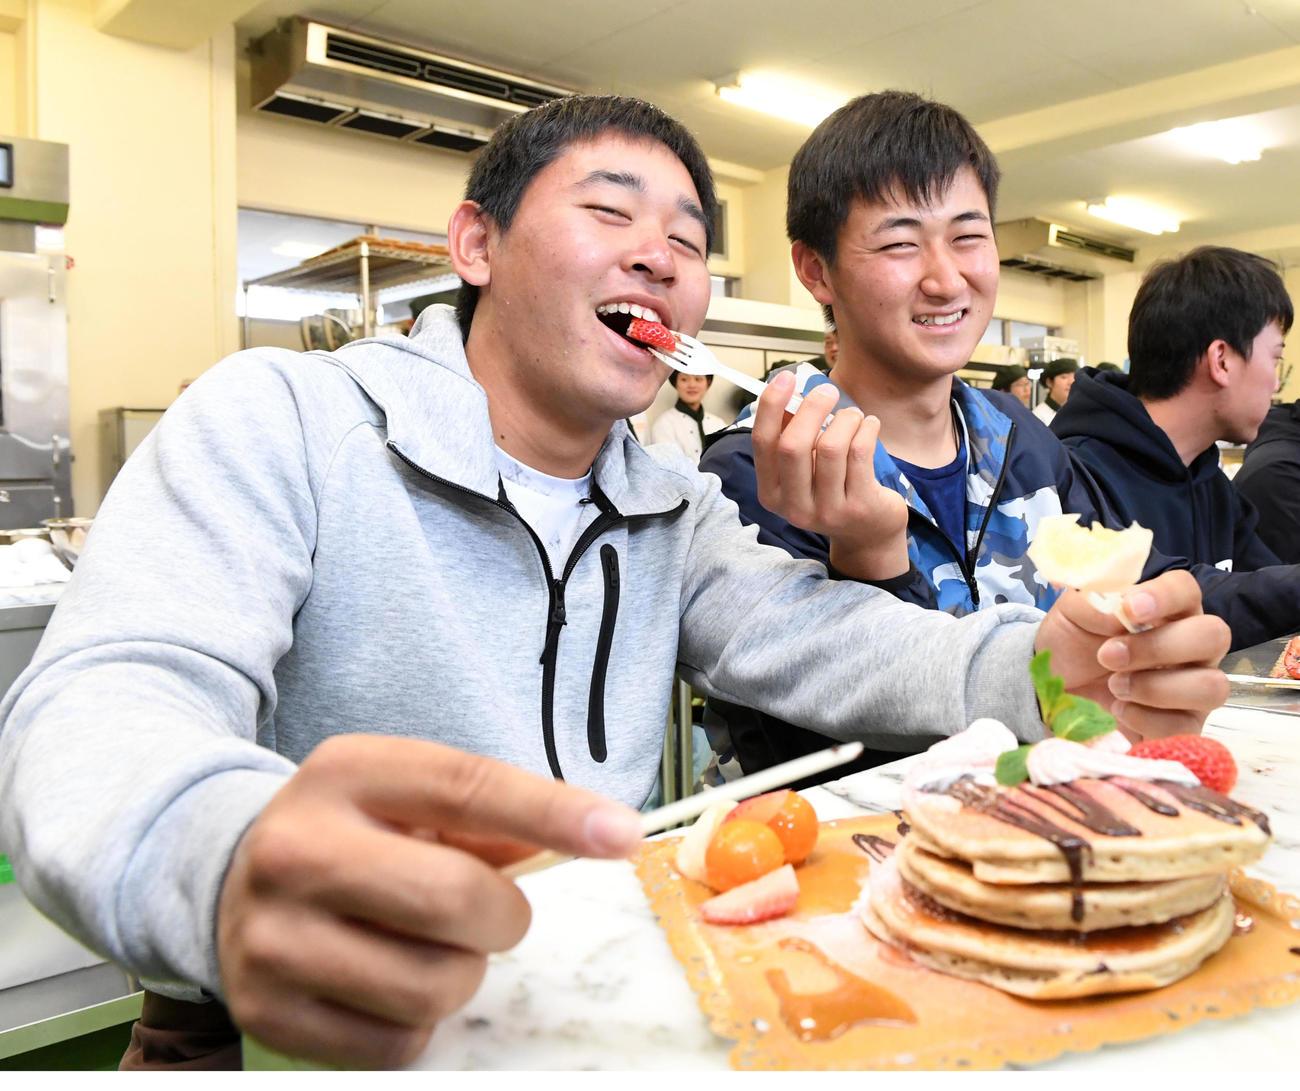 九州パンケーキ作りに挑戦したオリックスの新人選手。宮城(左)は紅林から食べさせてもらう(撮影・前岡正明)